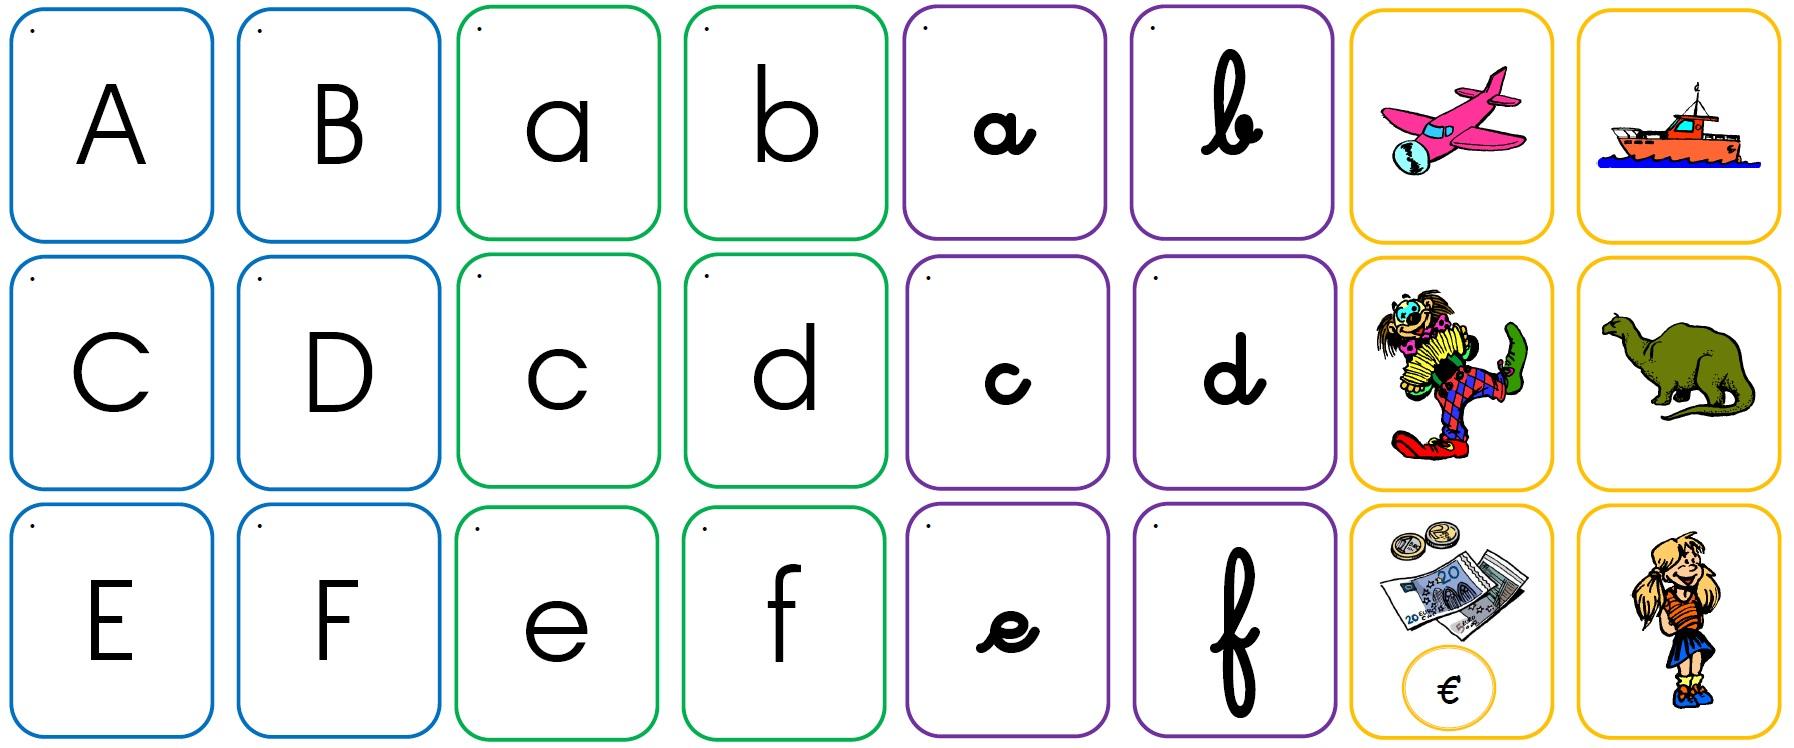 Pin la lettre h majuscule et son ombre on pinterest - Apprendre a broder des lettres ...